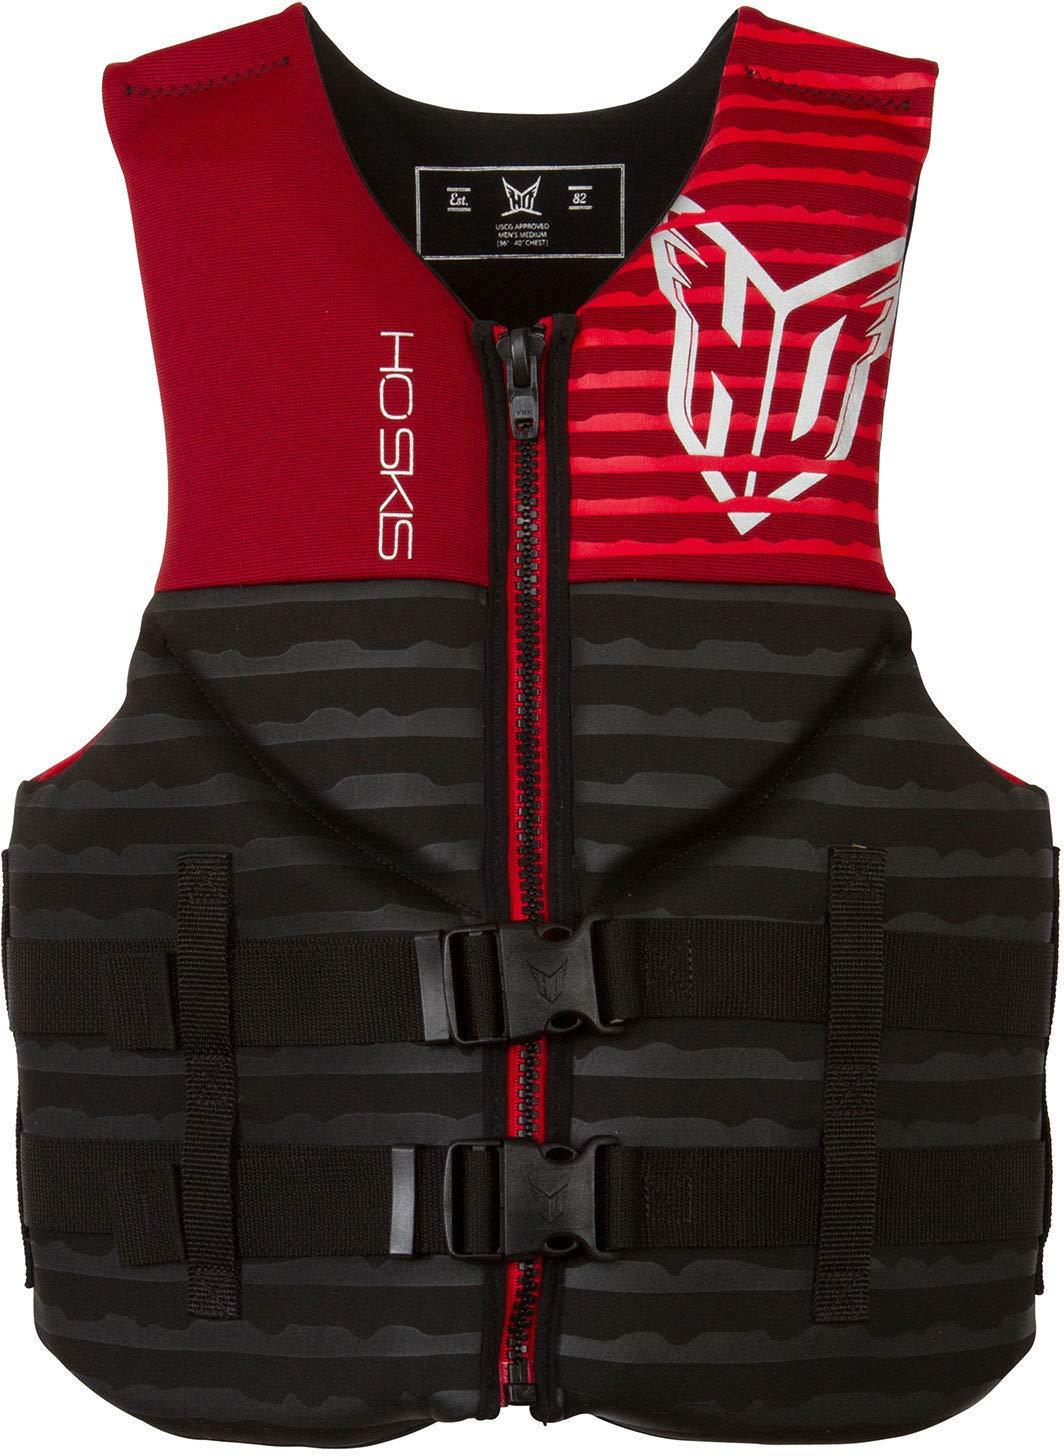 【日本限定モデル】 Ho レッド Pursuit Men 's ) Neo CGA ( Vest ( 2018 ) -small-red XX-Large レッド B0064FM5KS, HONEY ME EYES:2e7c5b3d --- a0267596.xsph.ru